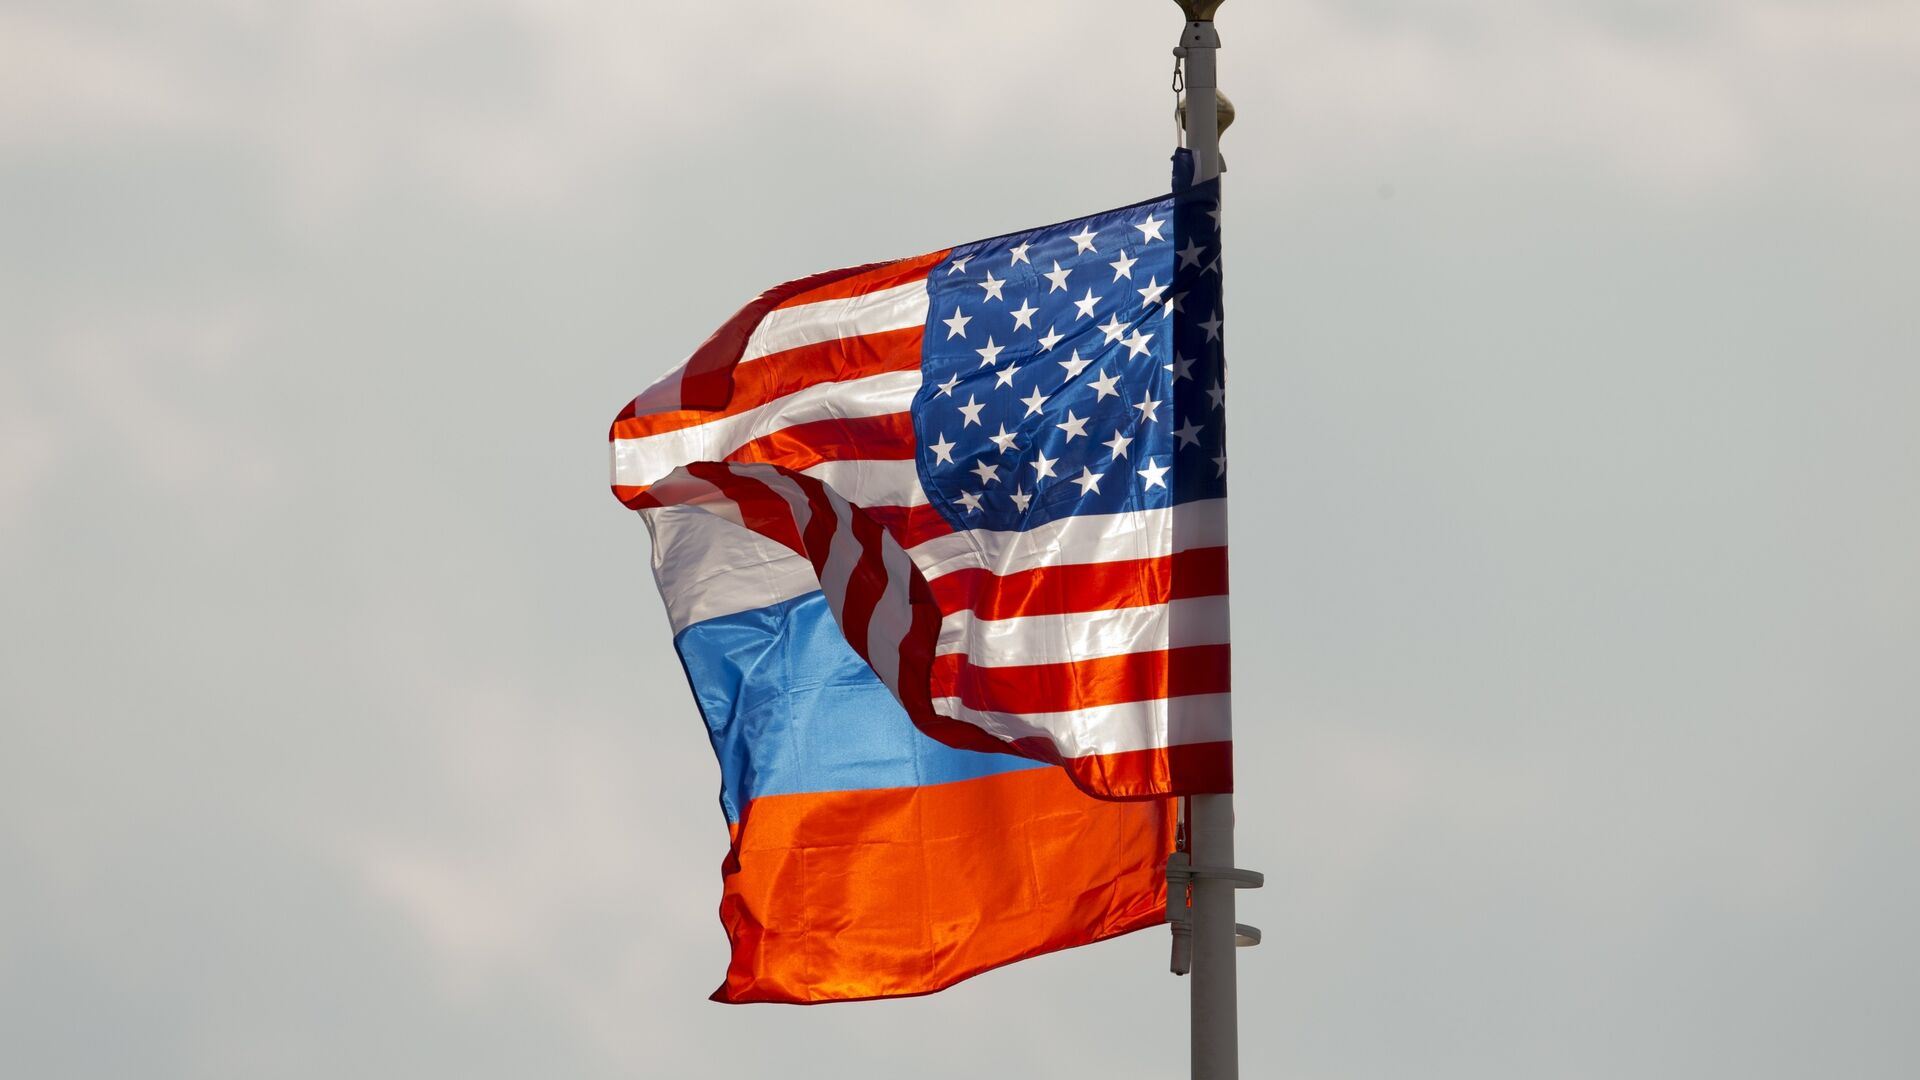 Banderas de Rusia y EEUU (archivo) - Sputnik Mundo, 1920, 17.03.2021